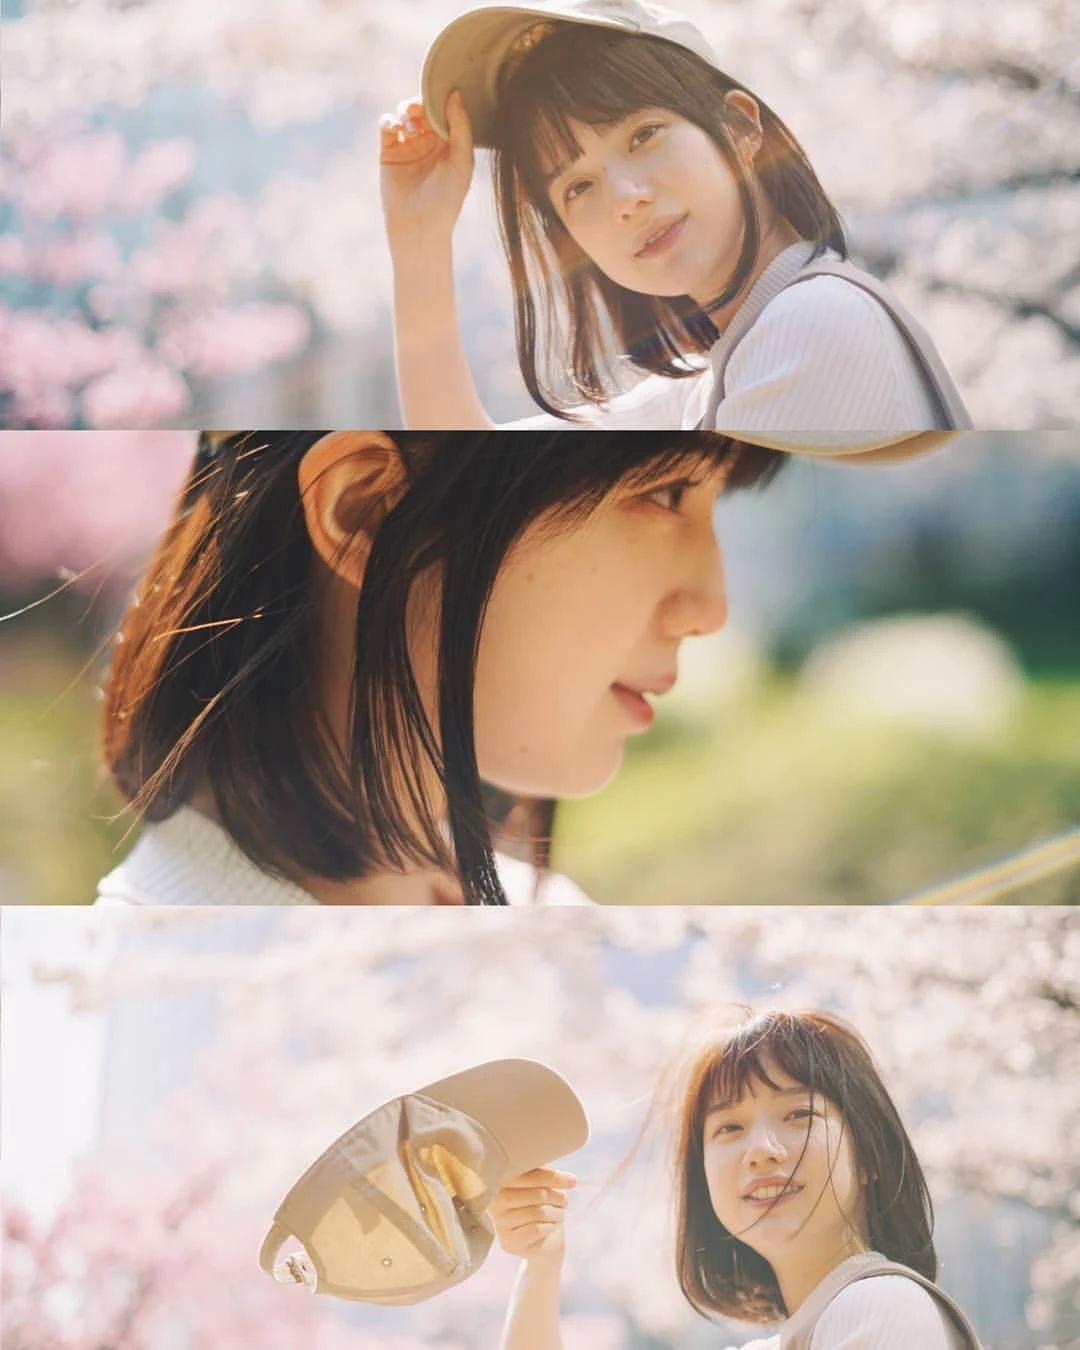 永远一张娃娃脸的棉花糖女孩弘中绫香写真作品 (70)